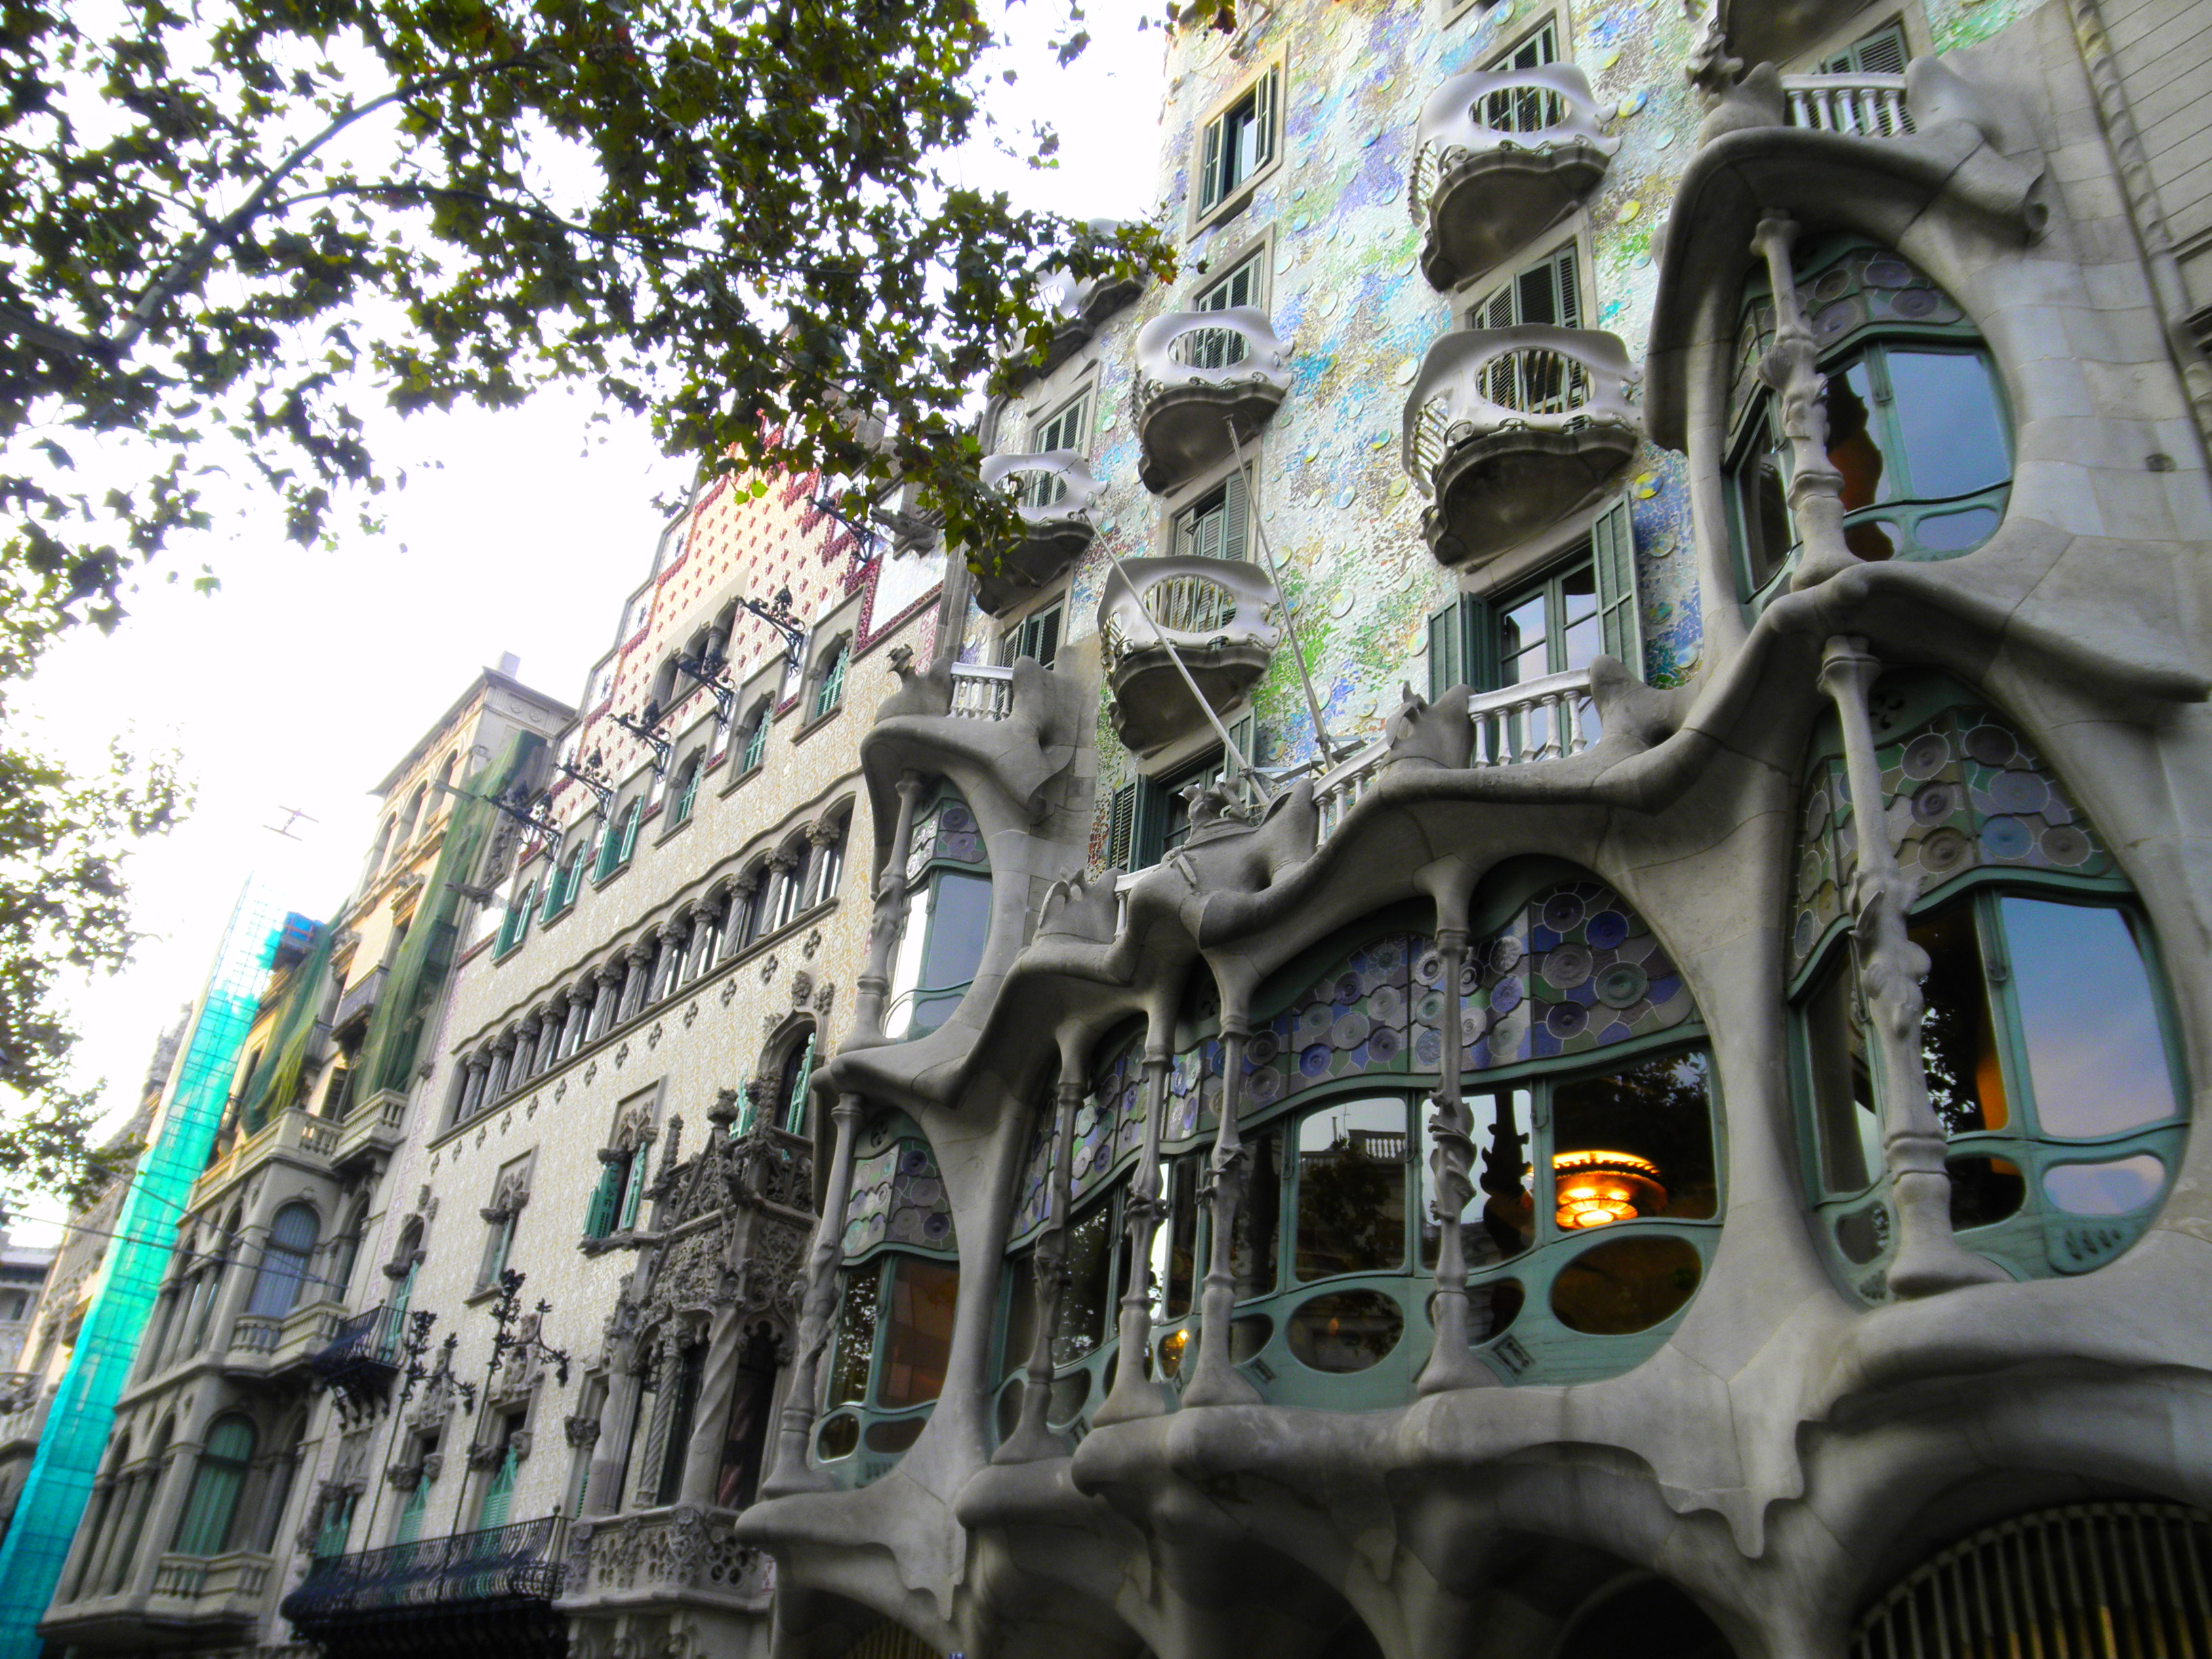 Casa batll y casa amatller edificios modernistas de - Casas modernistas barcelona ...